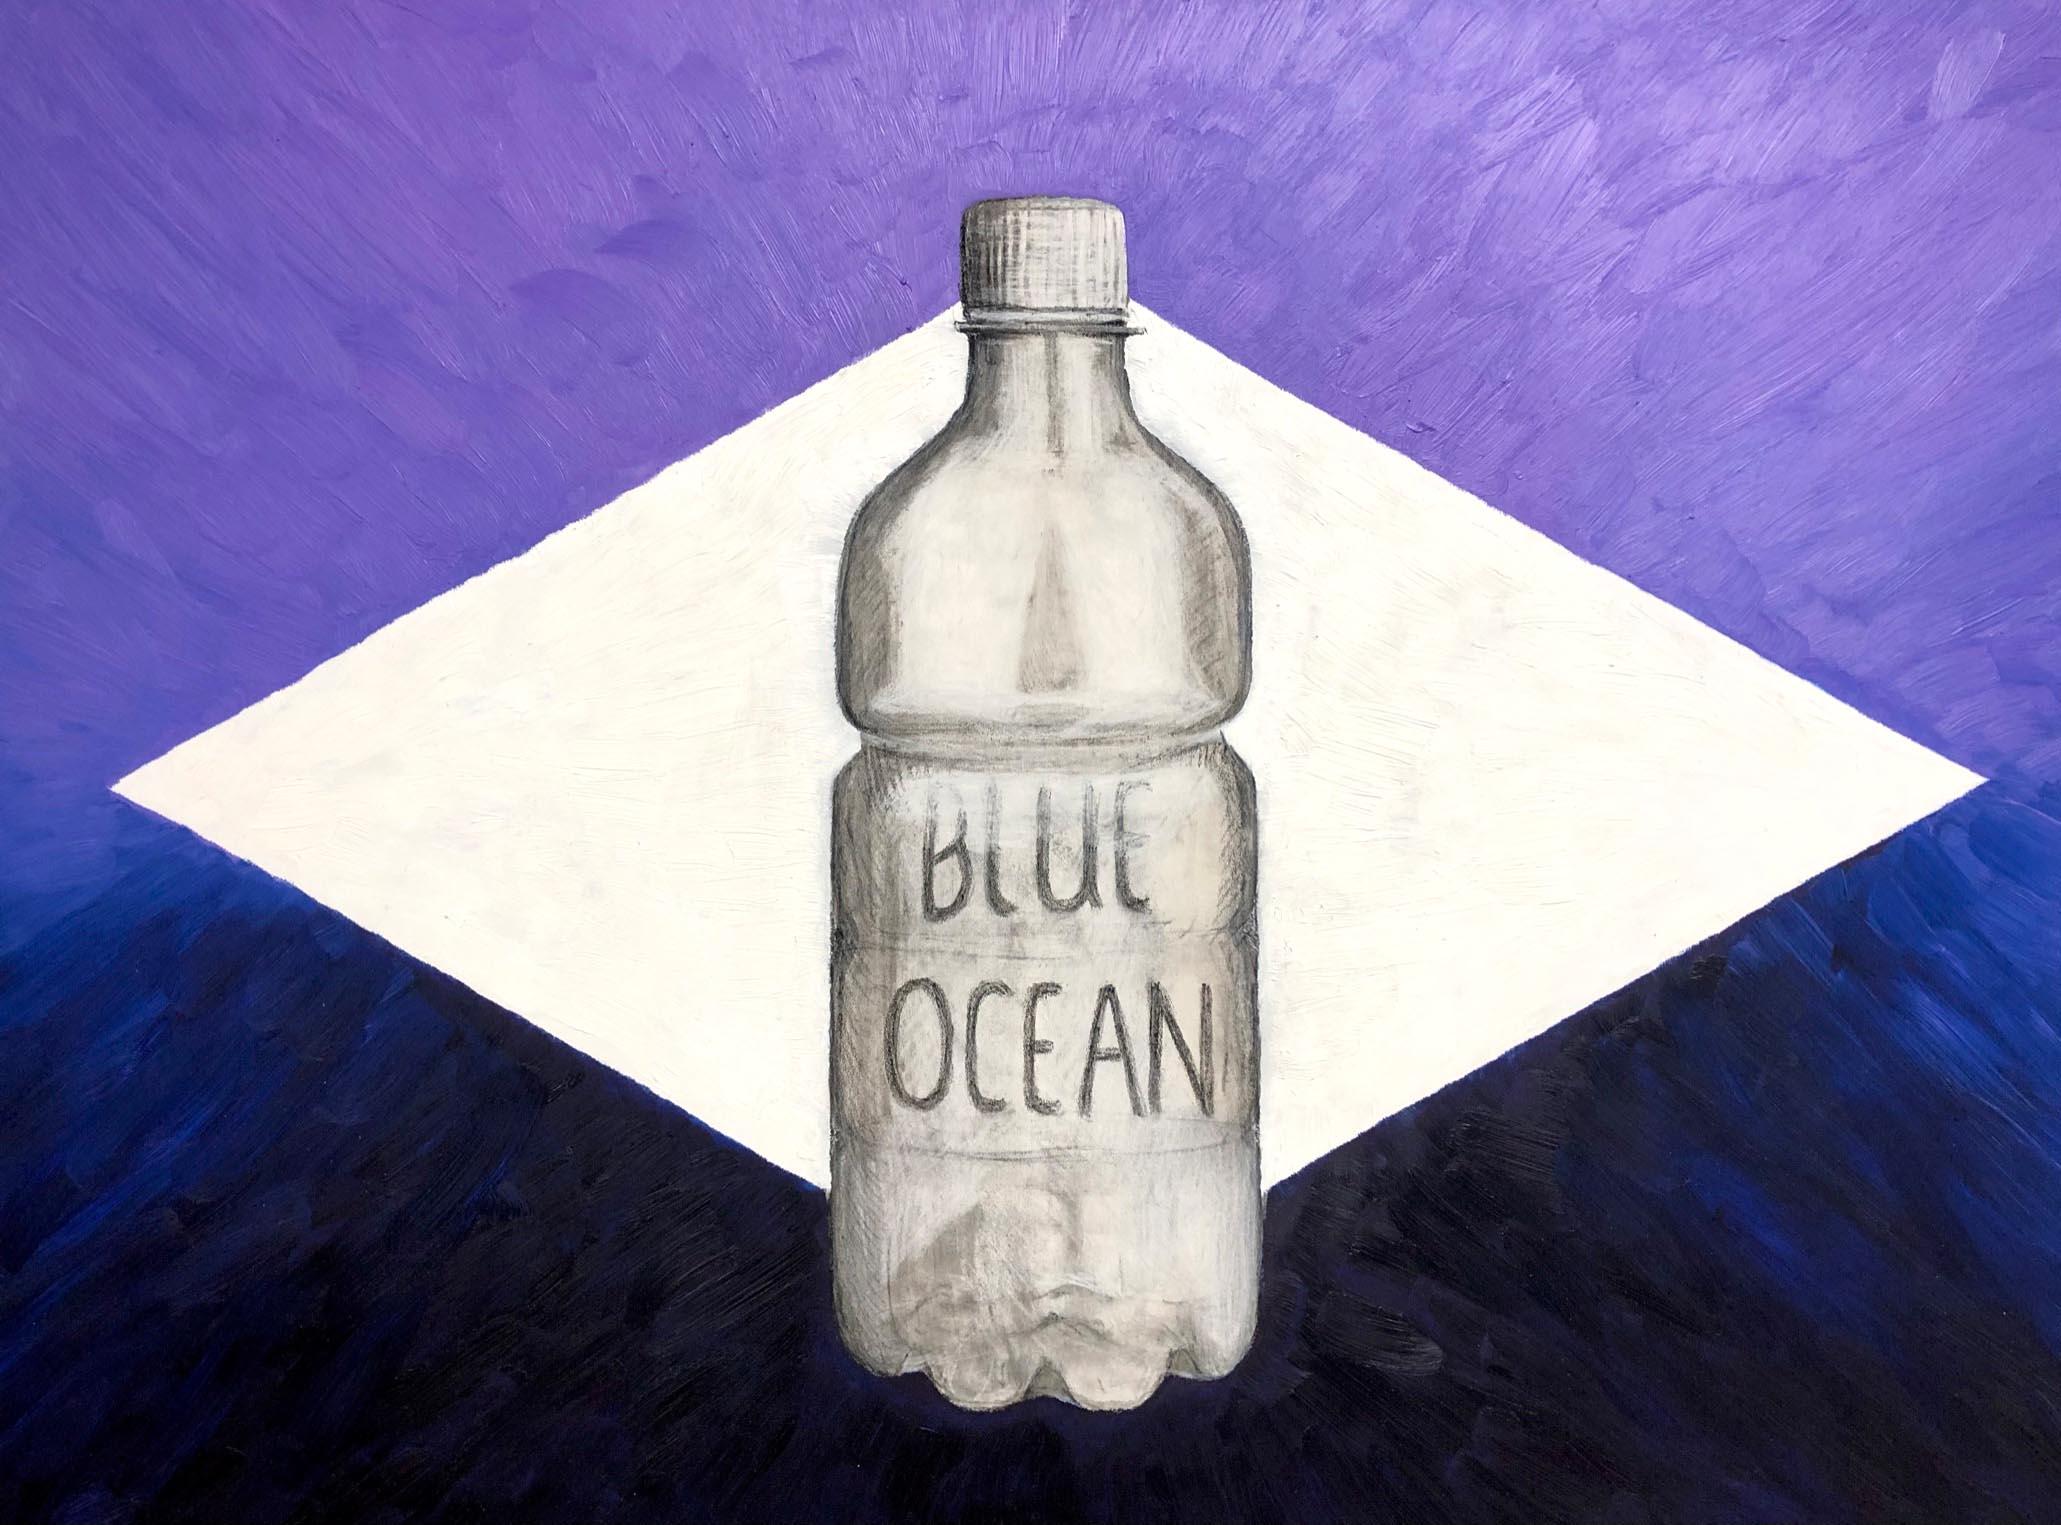 Blue Ocean Öl-Kohleskizze © Rita Stern Miltenberg